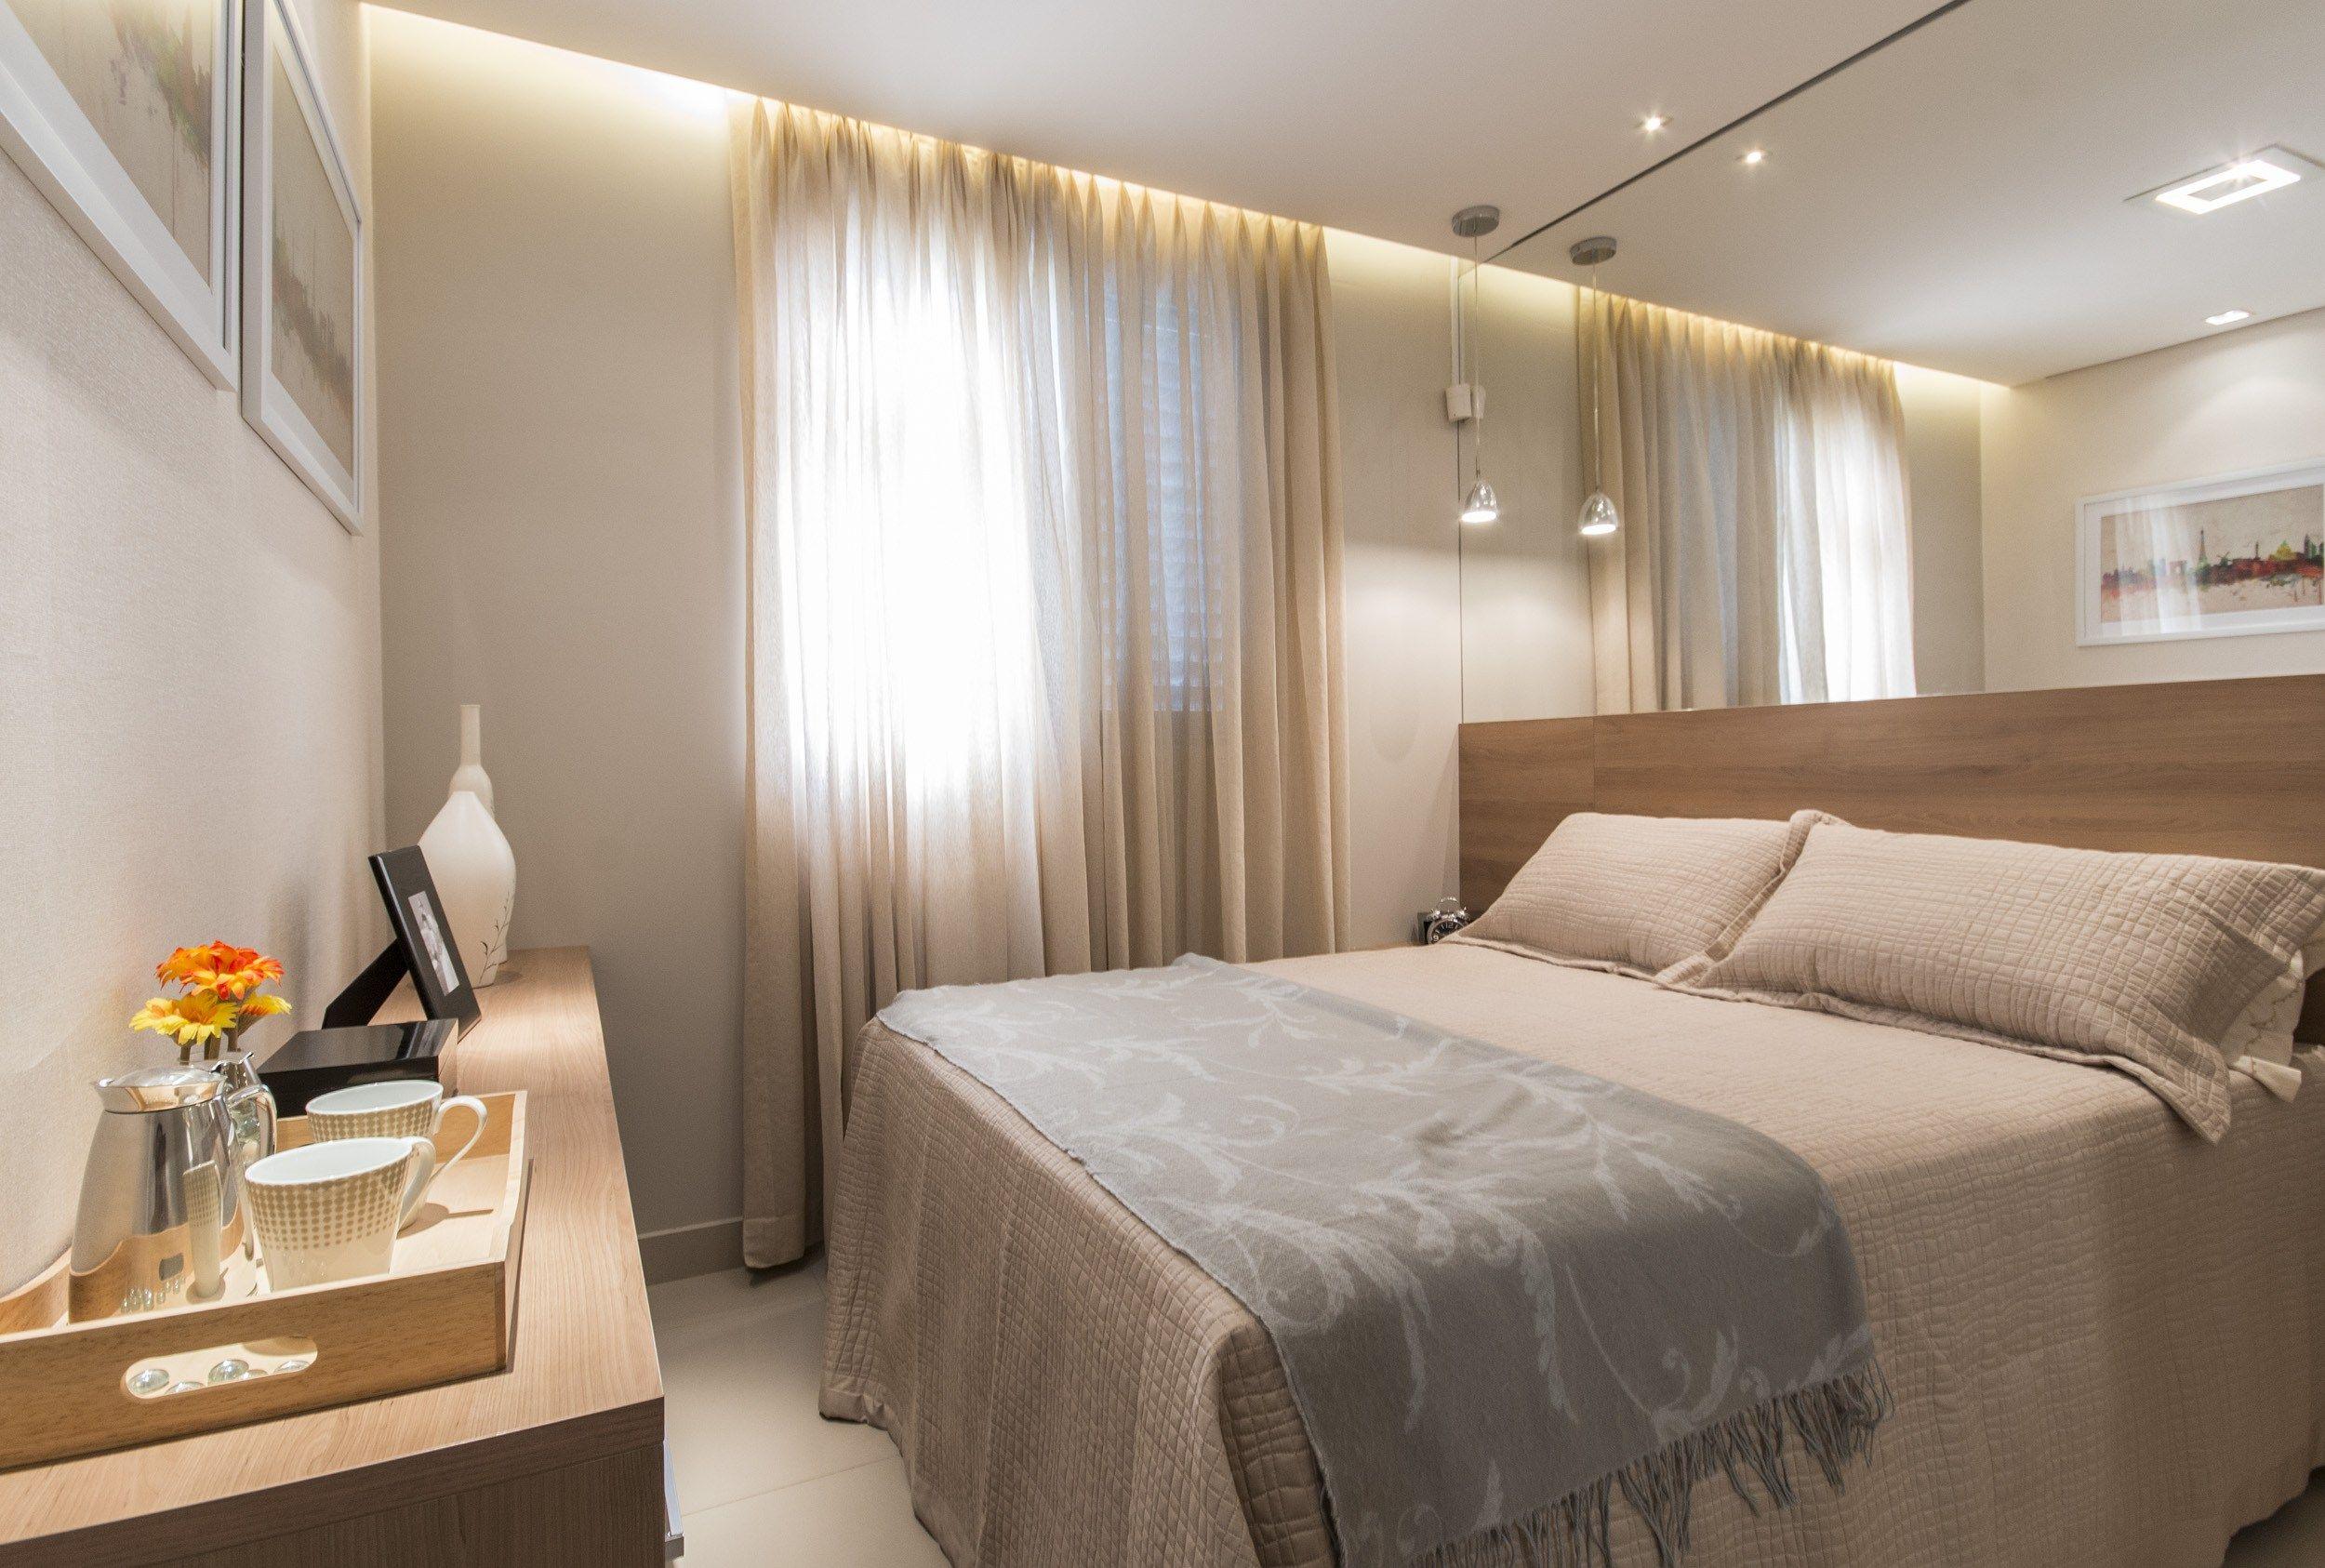 Interior design for double bedroom flat dscg   bedroom ideas  pinterest  bedrooms